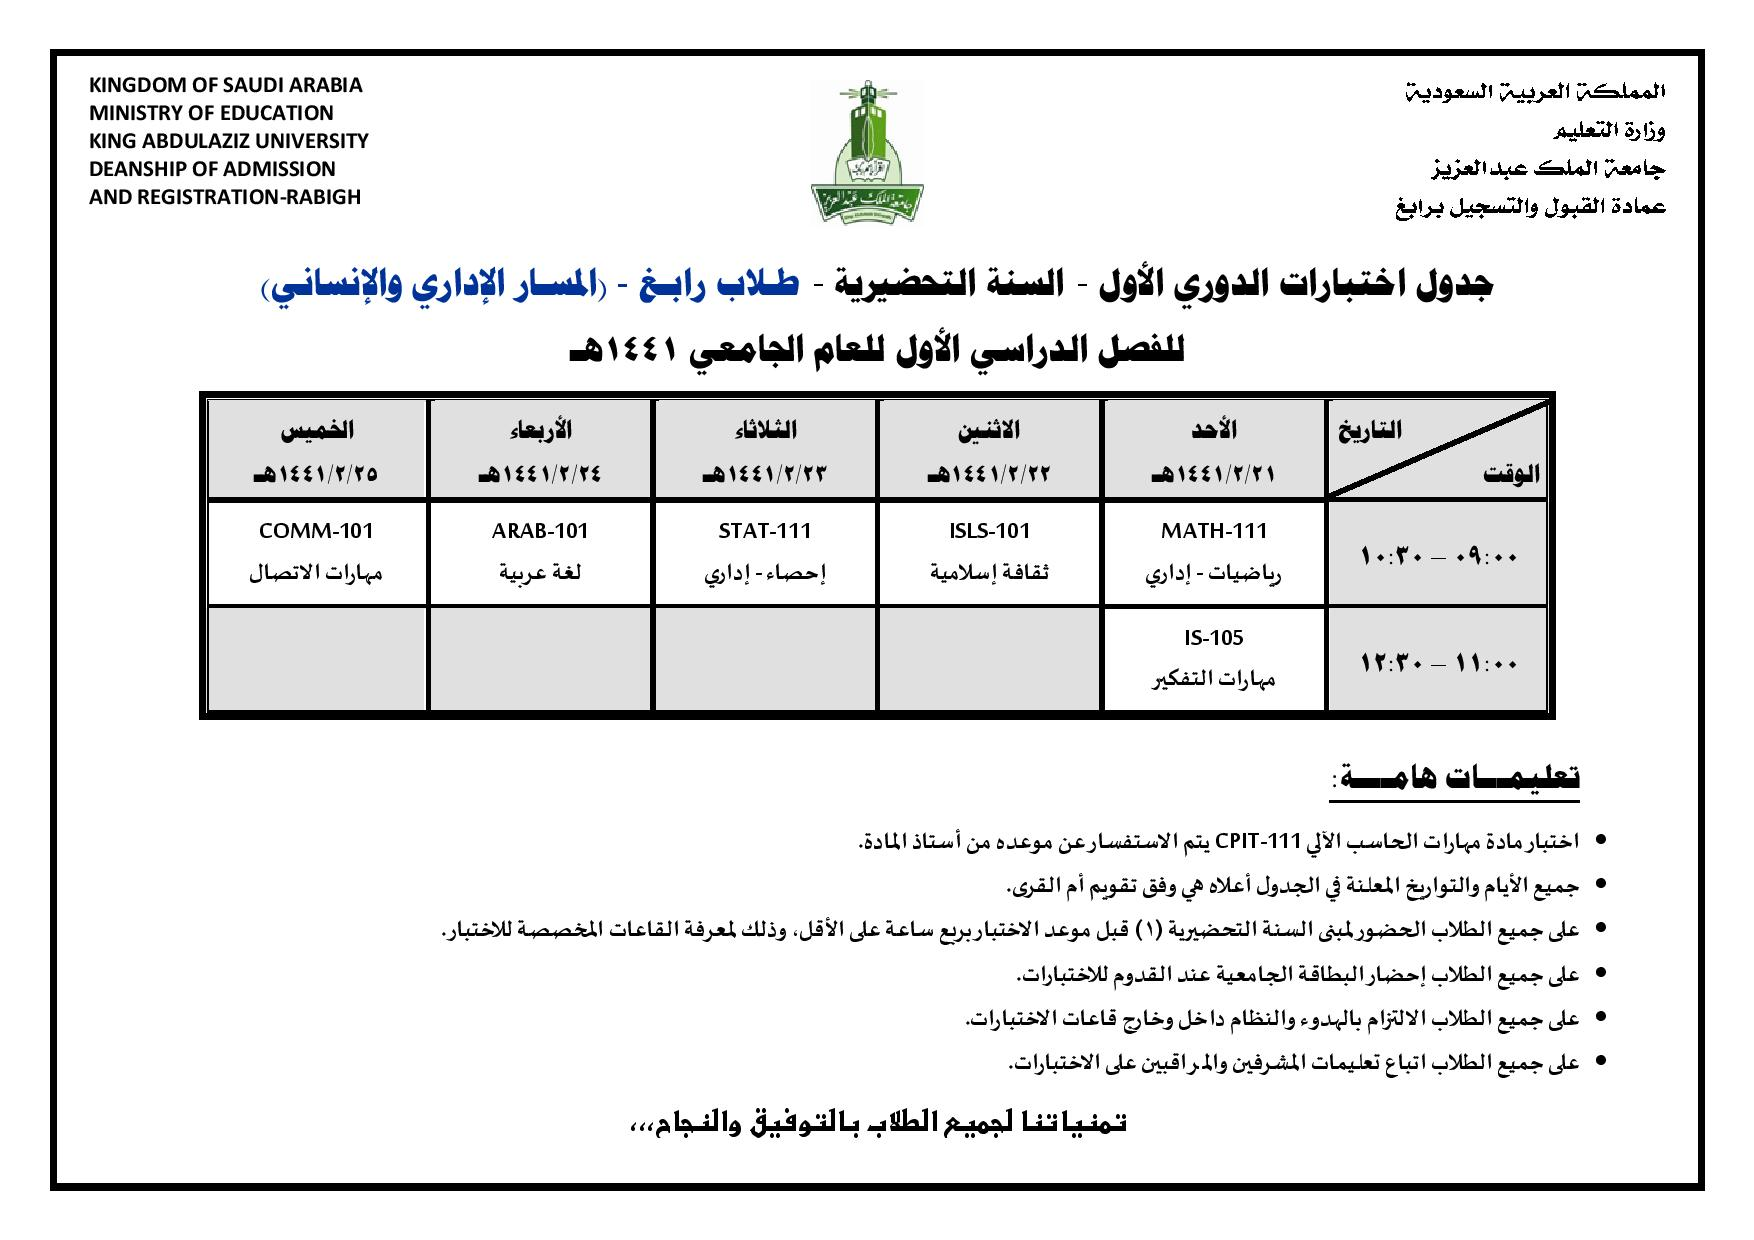 مجموعة صور لل موعد اختبارات جامعة الملك عبدالعزيز 1442